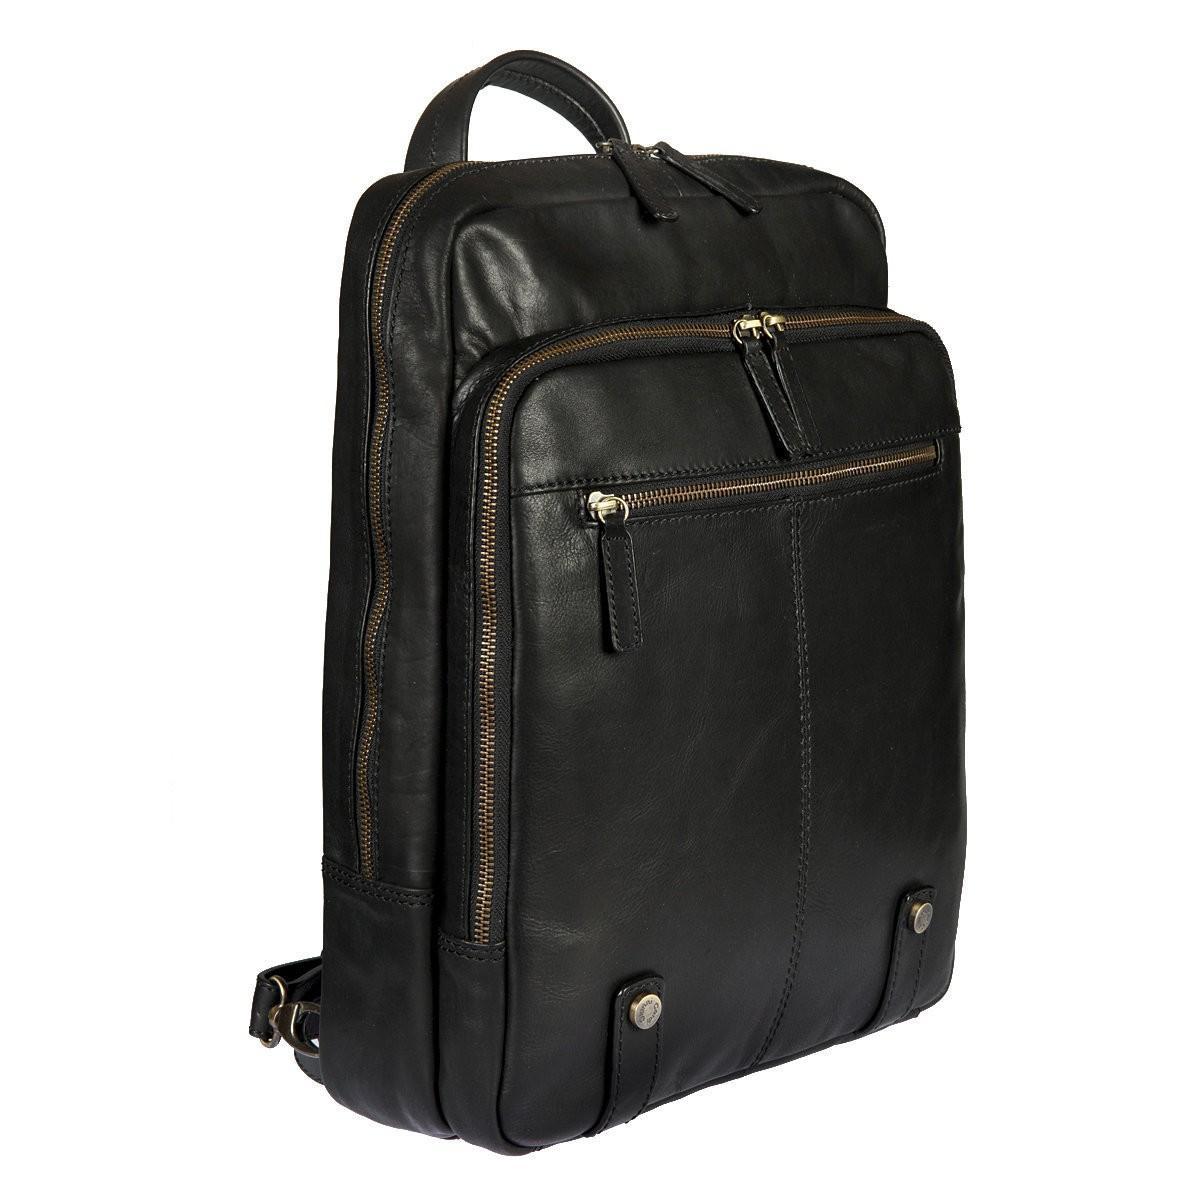 fd587865e00b Сумка рюкзак Gianni Conti купить и сравнить цены + отзывы, обзоры и ...